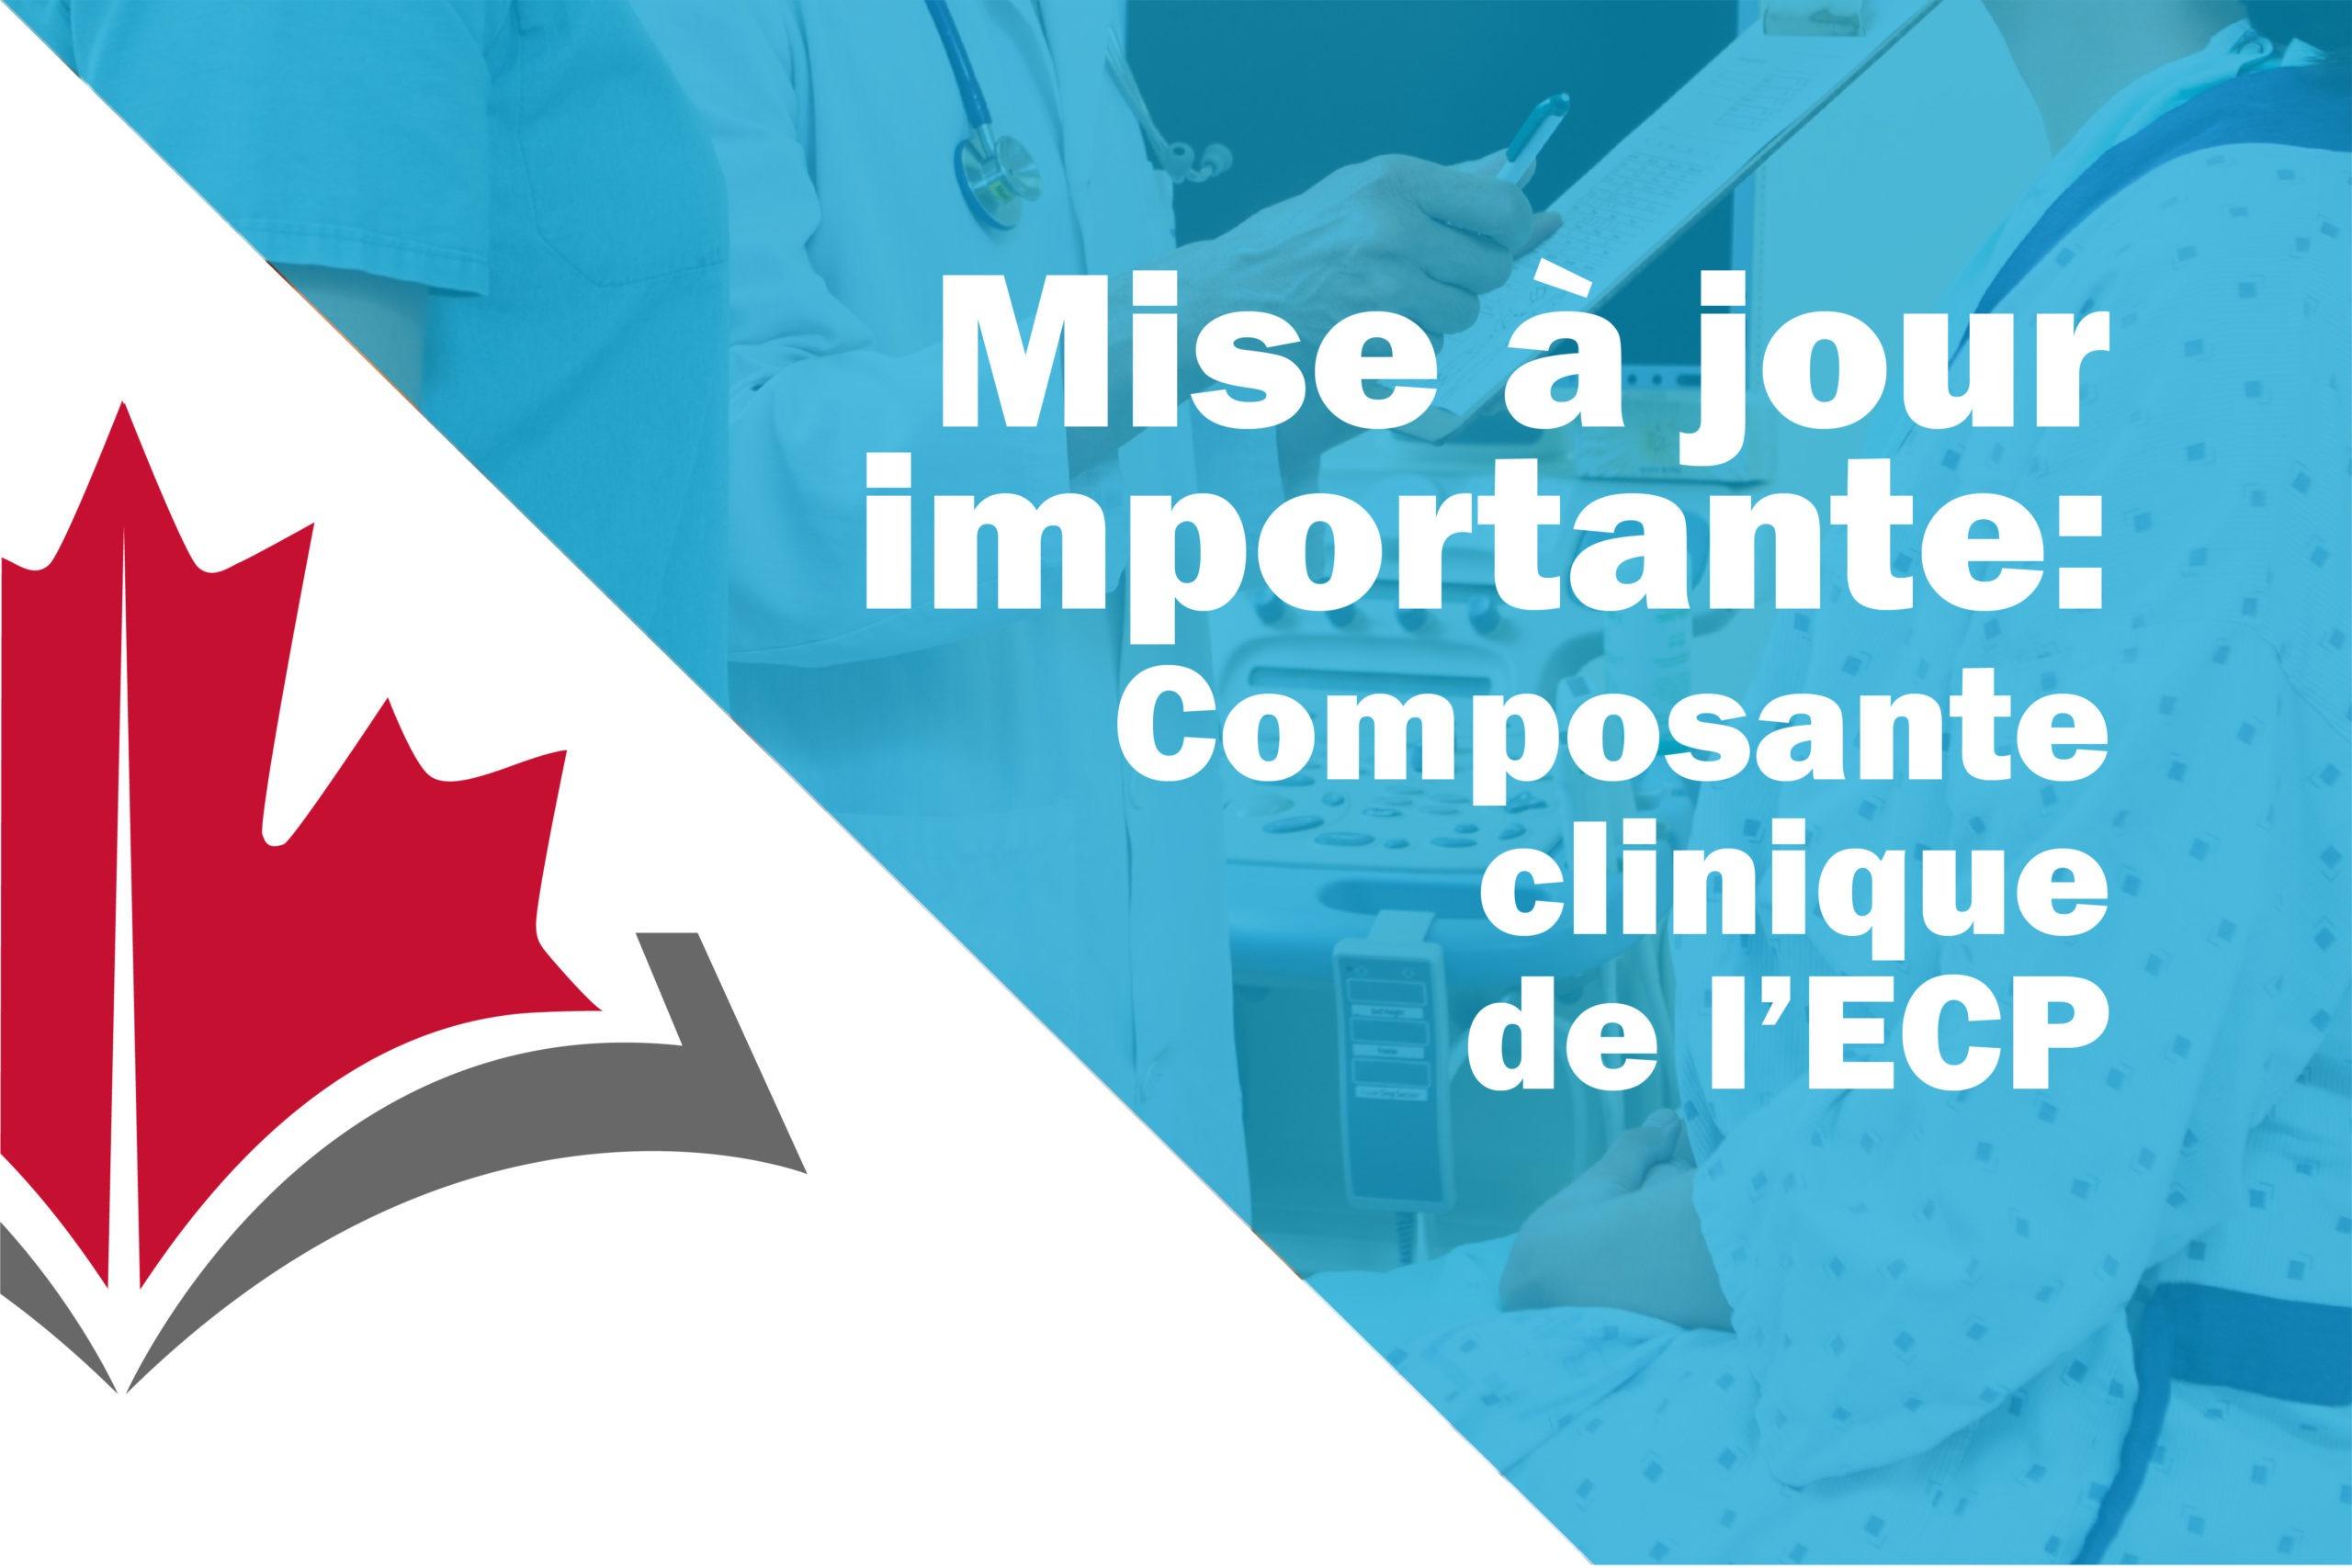 Mise à jour importante : Composante clinique de l'ECP